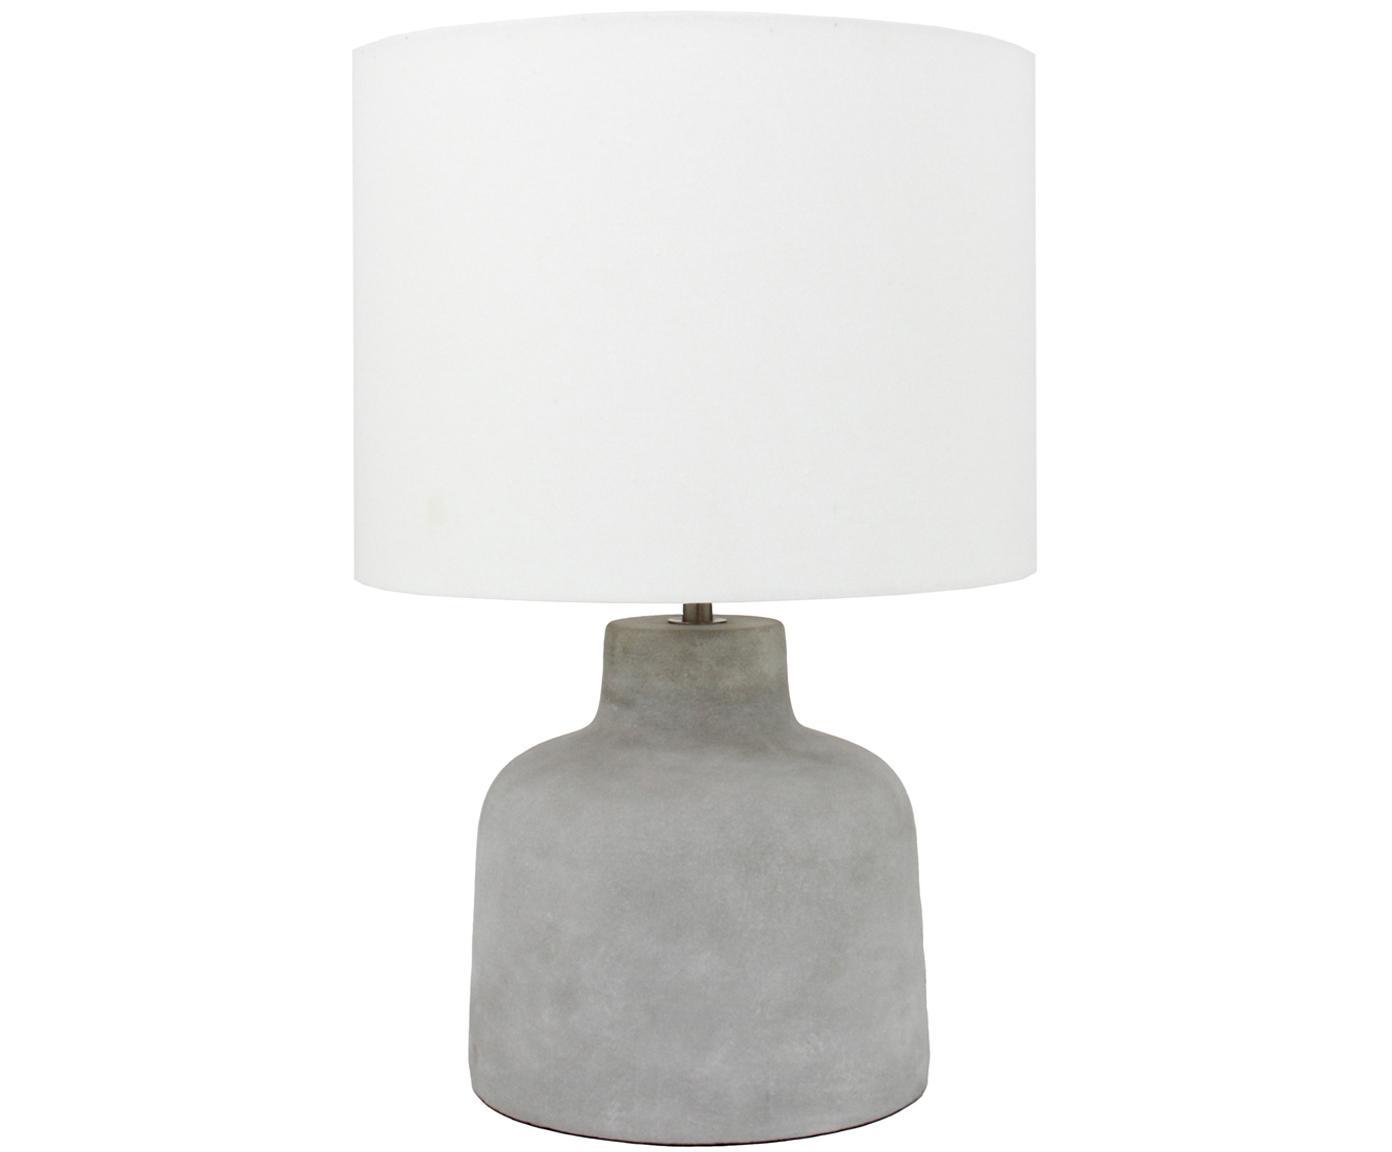 Tischleuchte Ike mit Betonfuß, Lampenschirm: 100% Leinen, Lampenfuß: Beton, Beton, Weiß, Ø 30 x H 45 cm